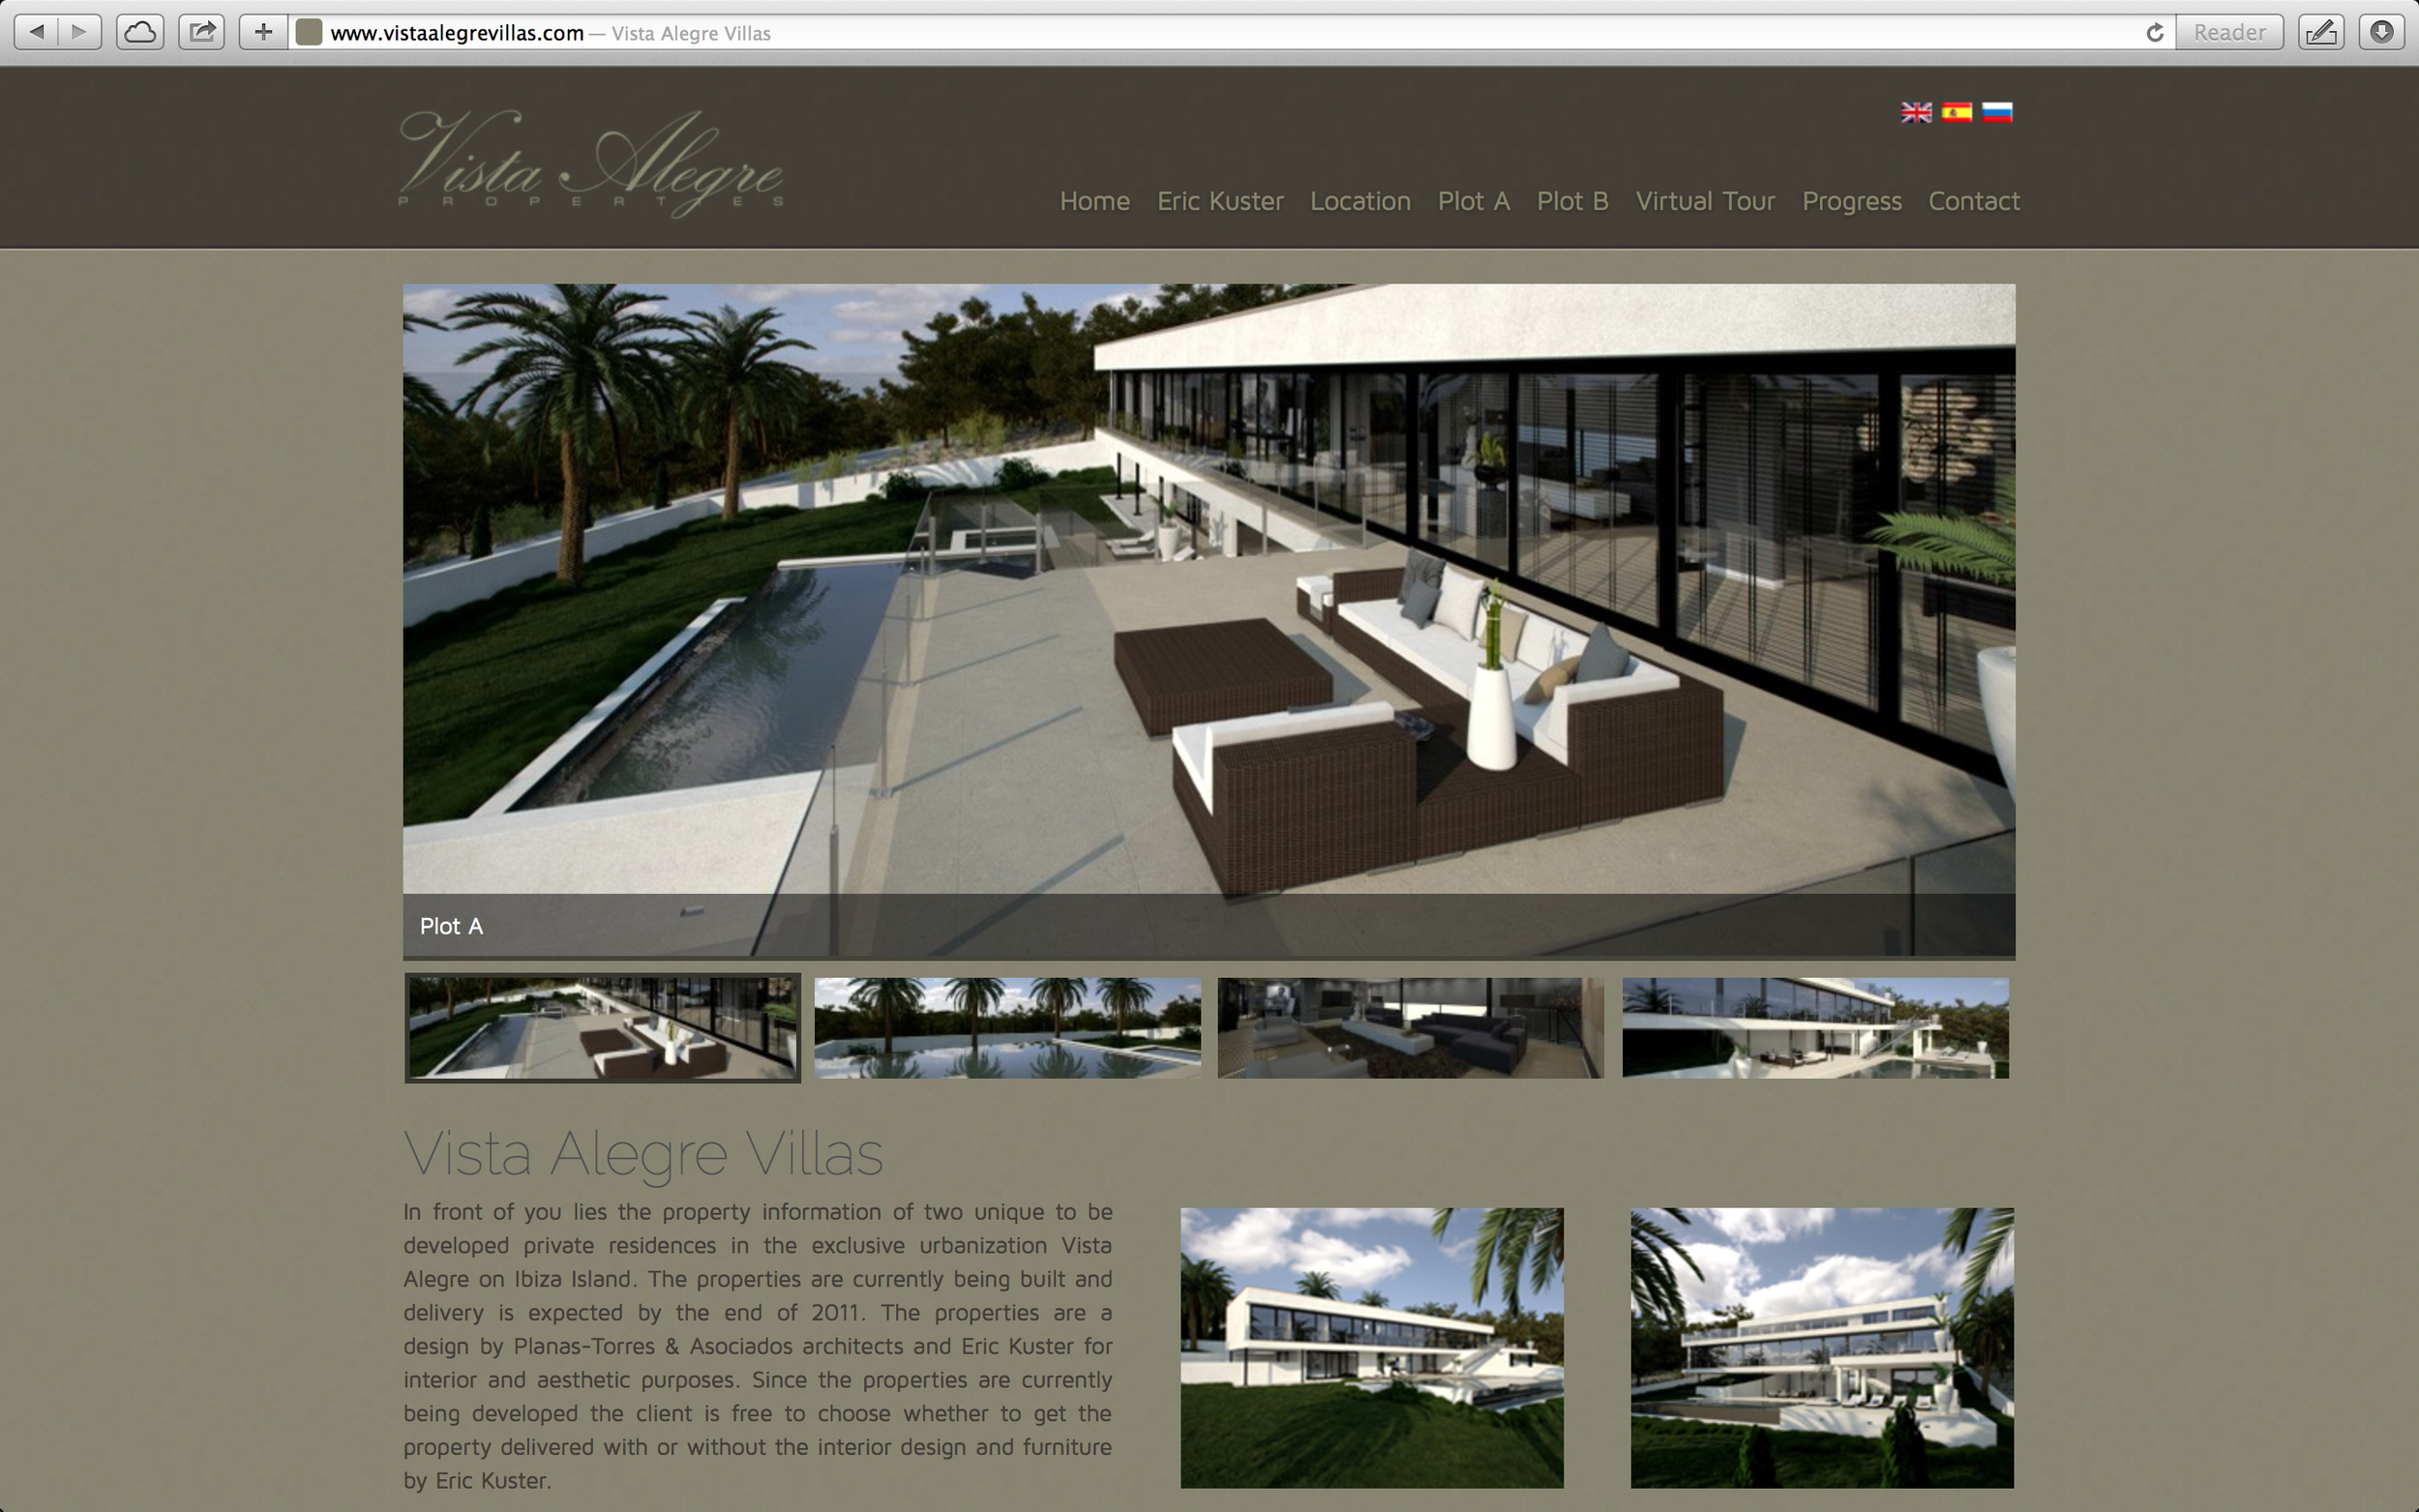 Vista Alegre Villas [link]